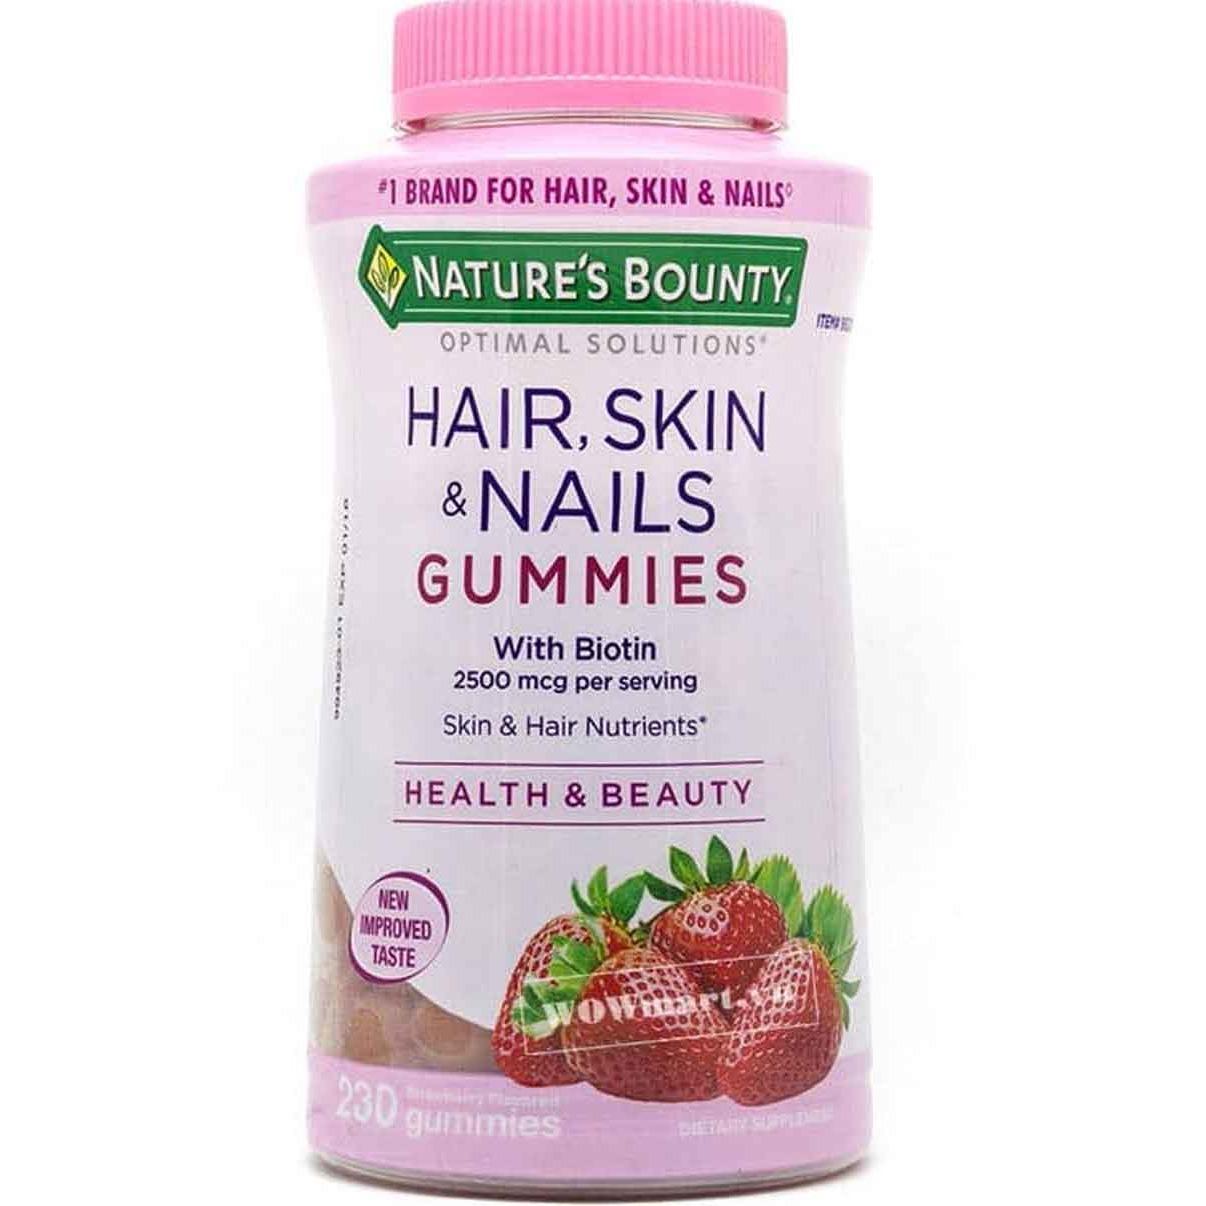 Ôn Tập Trên Kẹo Dẻo Lam Đẹp Da Mong Va Toc Nature S Bounty Hair Skin Nails Gummies 230 Vien Mỹ